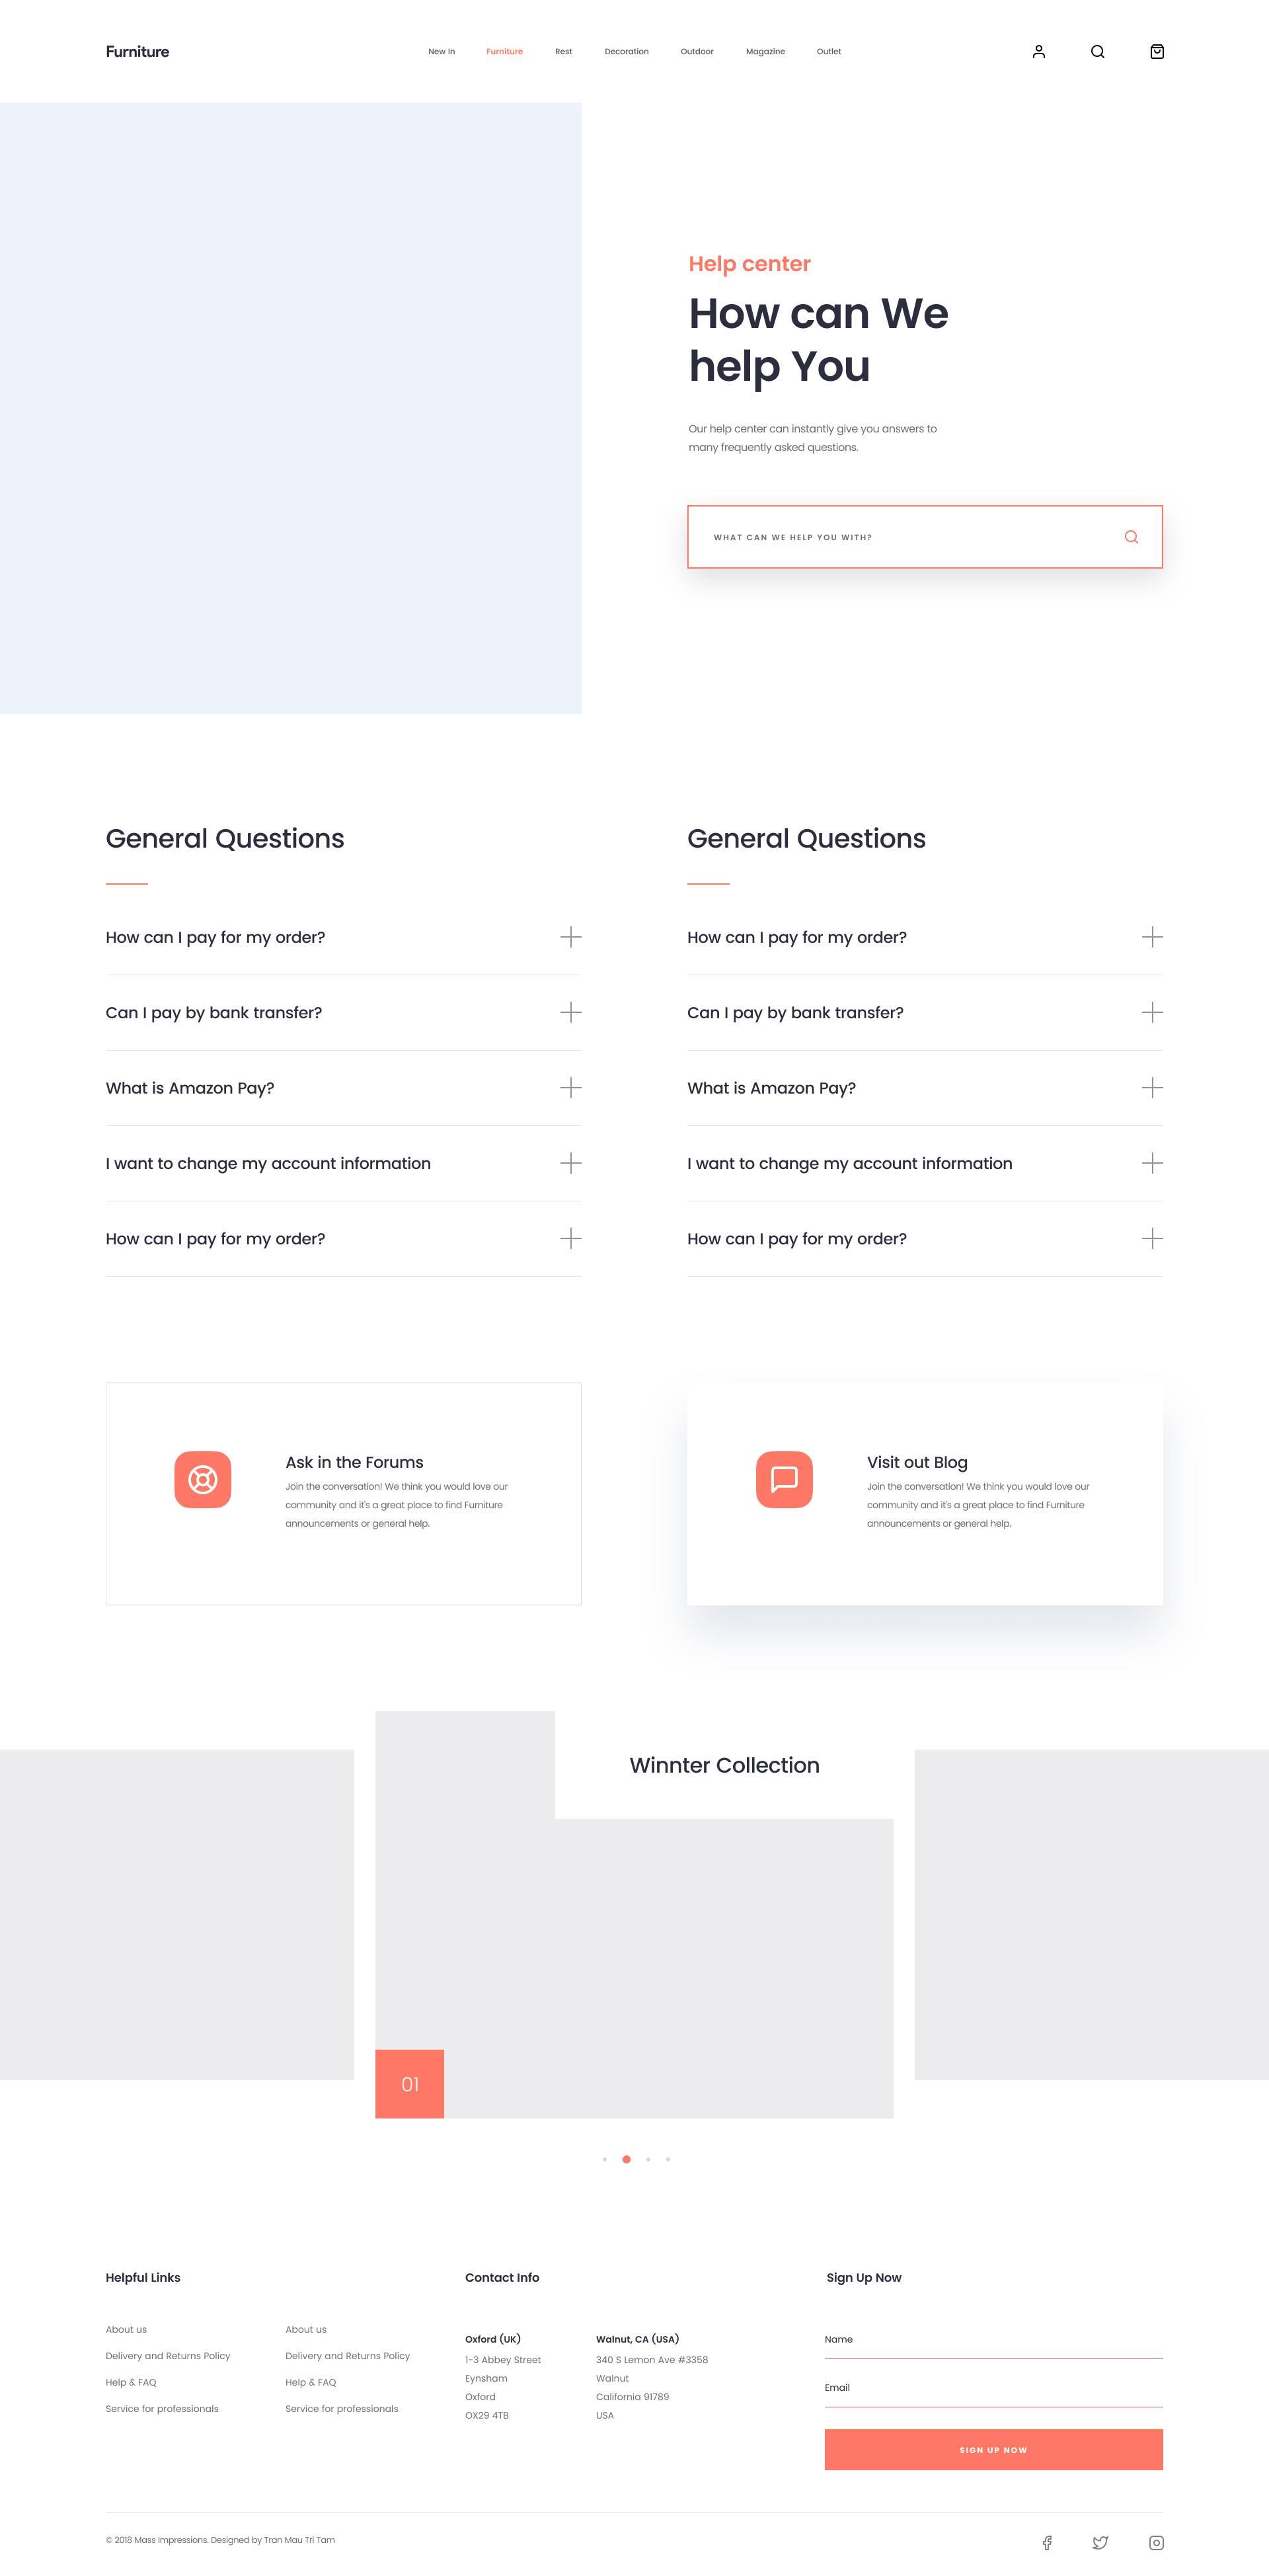 完整的家具网站页面模板.sketch素材下载 网页模板-第5张